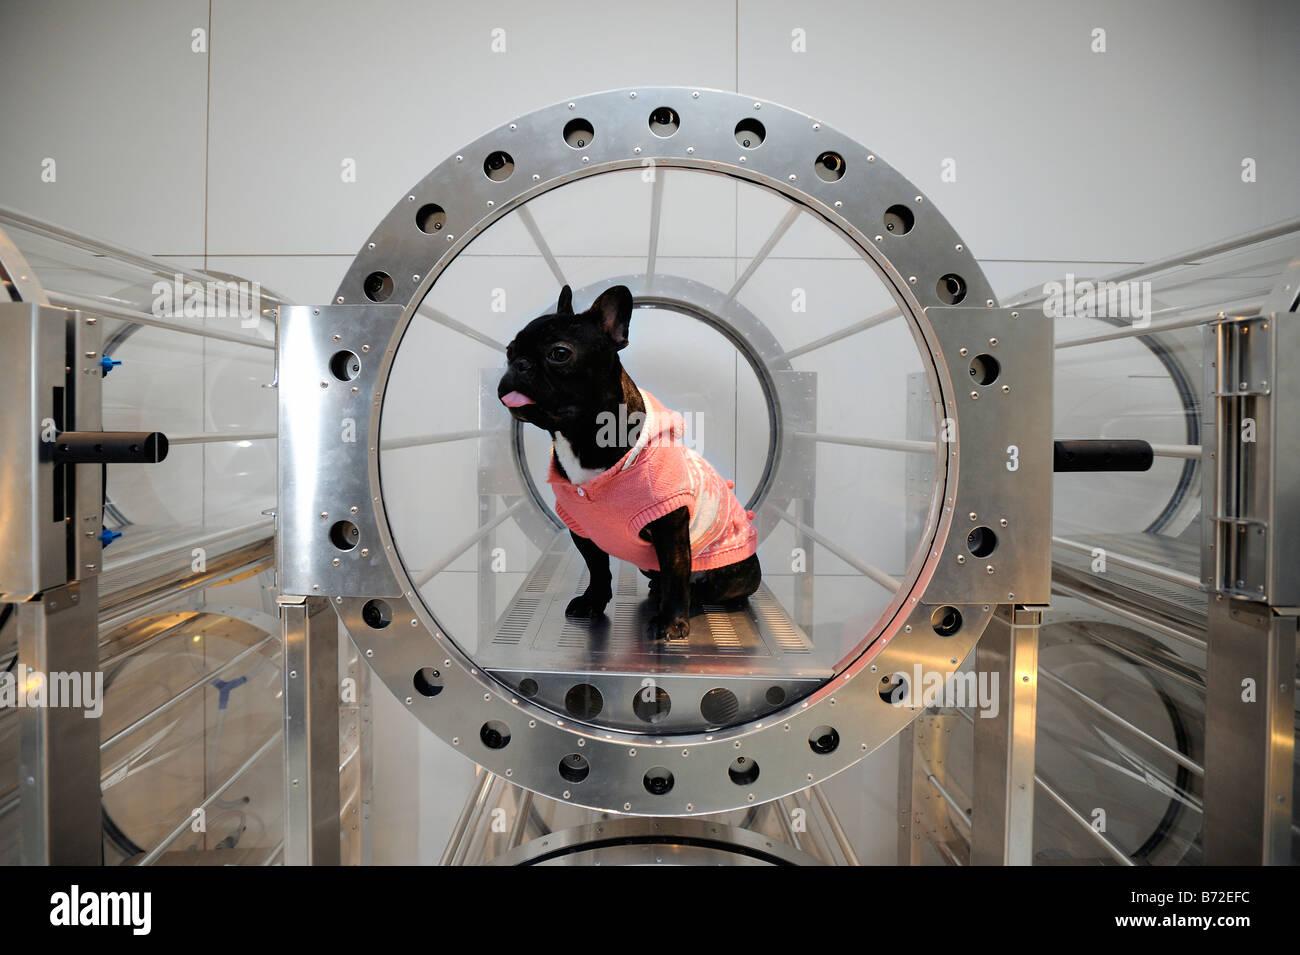 Eine französische Bulldogge sitzt in einer Sauerstoff-Kapsel, die speziell für Haustiere in Tokio. Die Stockbild